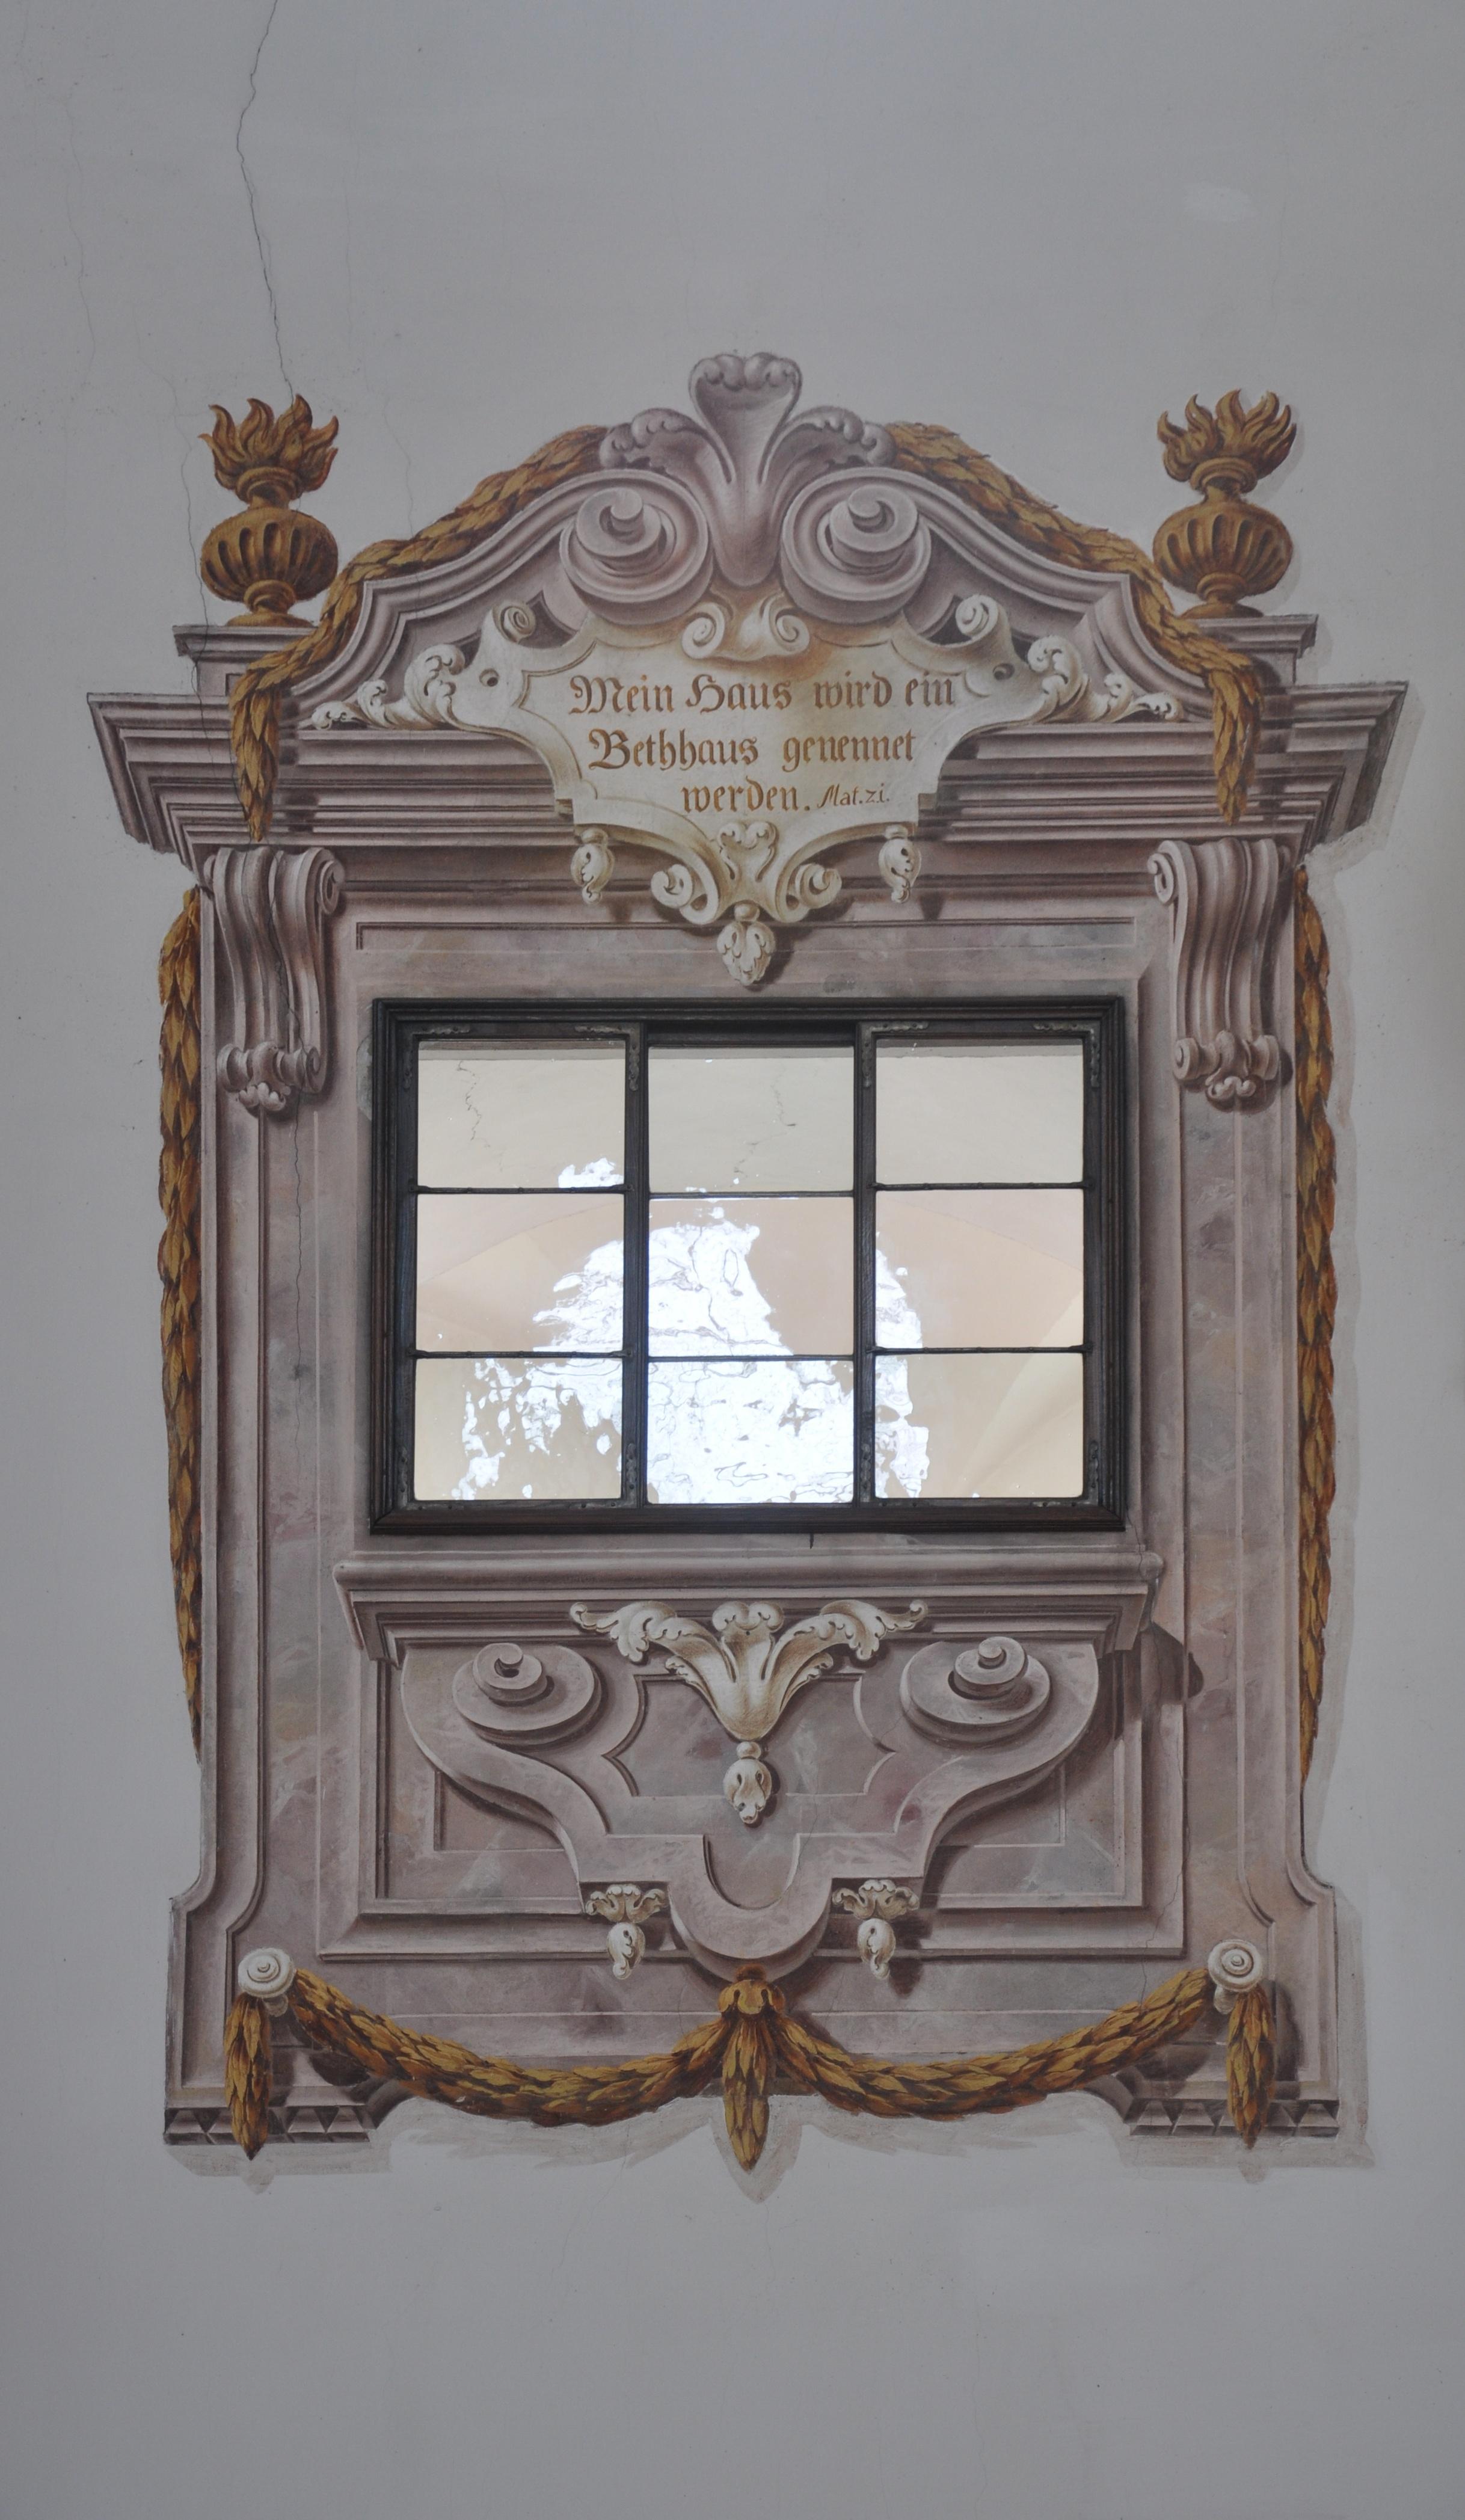 File:Reichersberg Stiftskirche Fresken Trompe-l-oeil Fenster.jpg ...